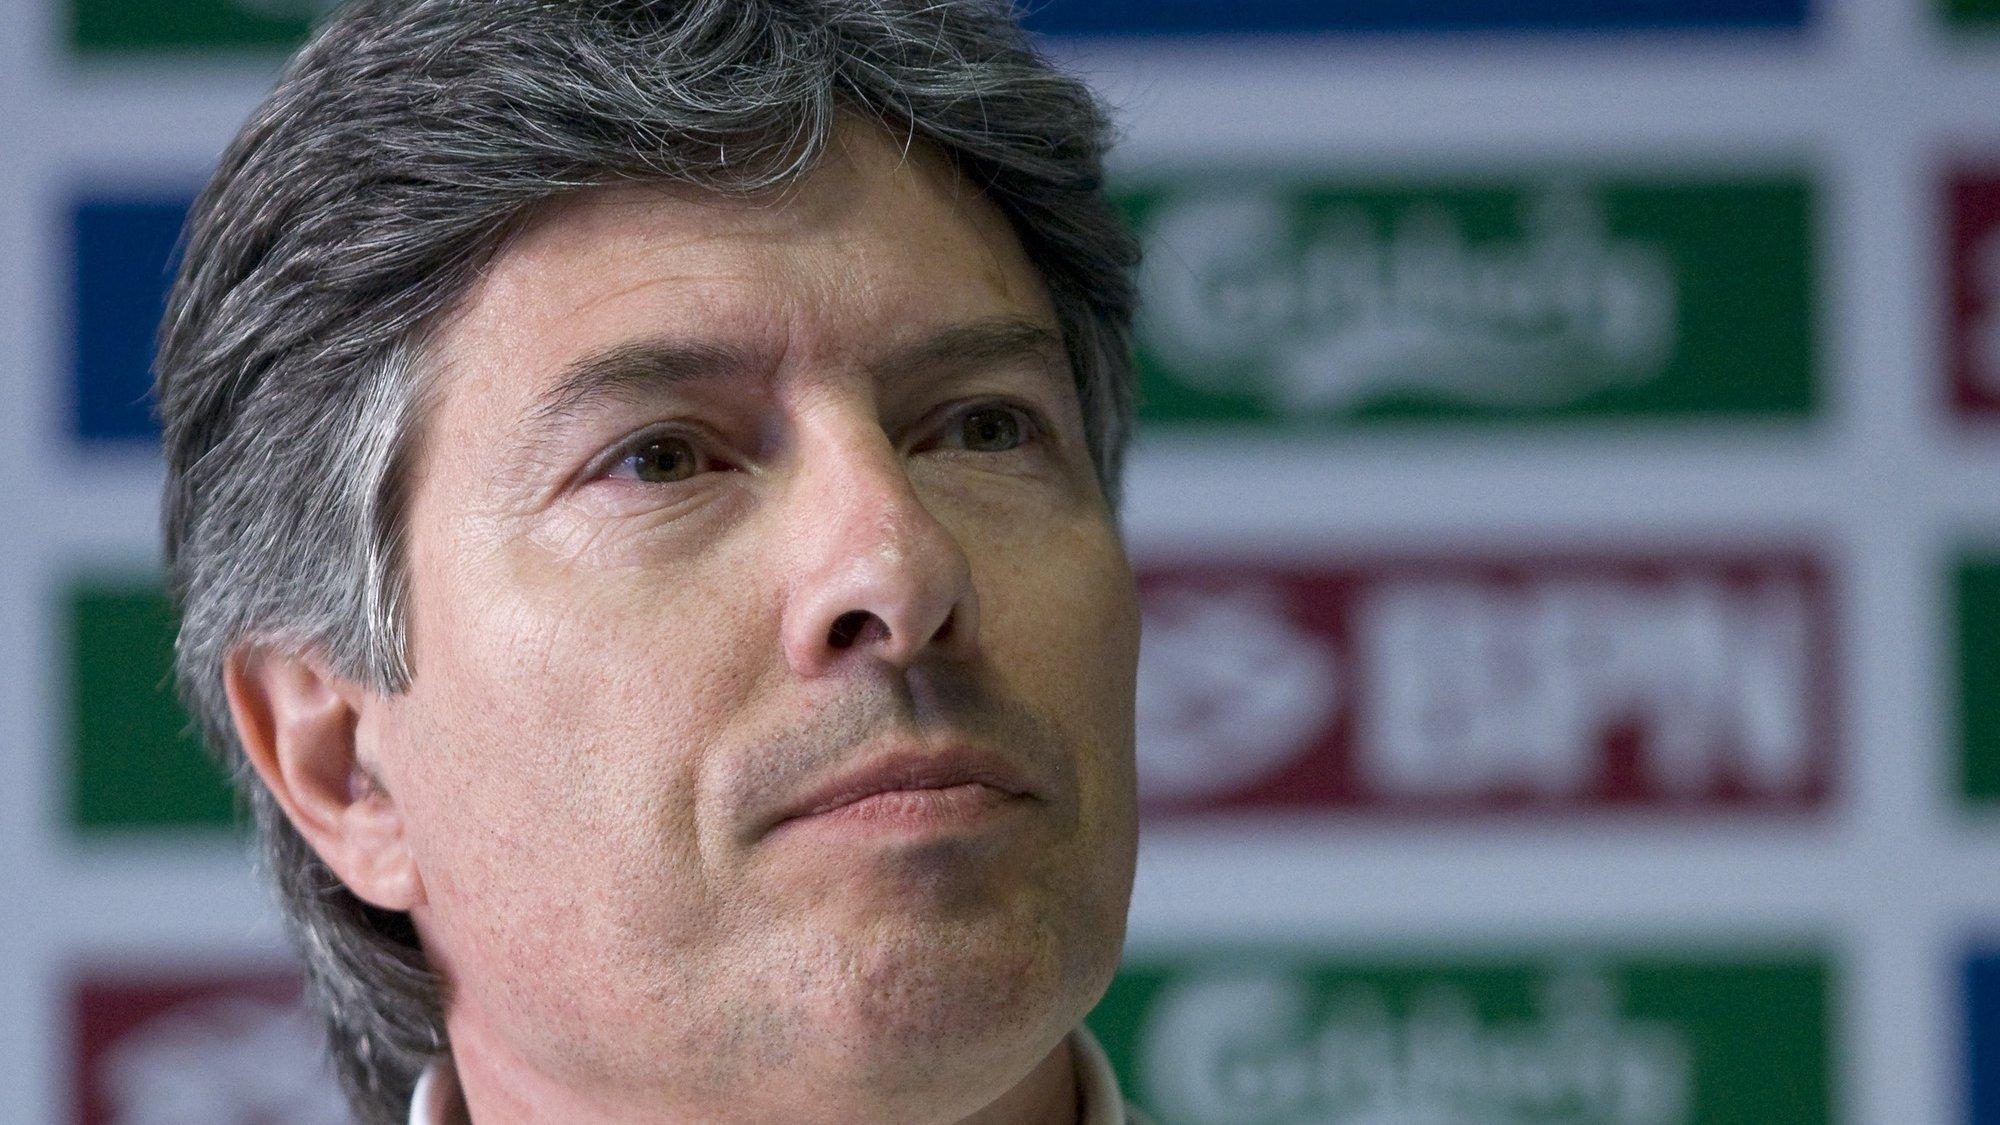 Vitor Pereira, presidente da Comissão de Arbitragem da Liga de Futebol, Faro, 20 Março de 2009.  ANTÓNIO COTRIM/LUSA